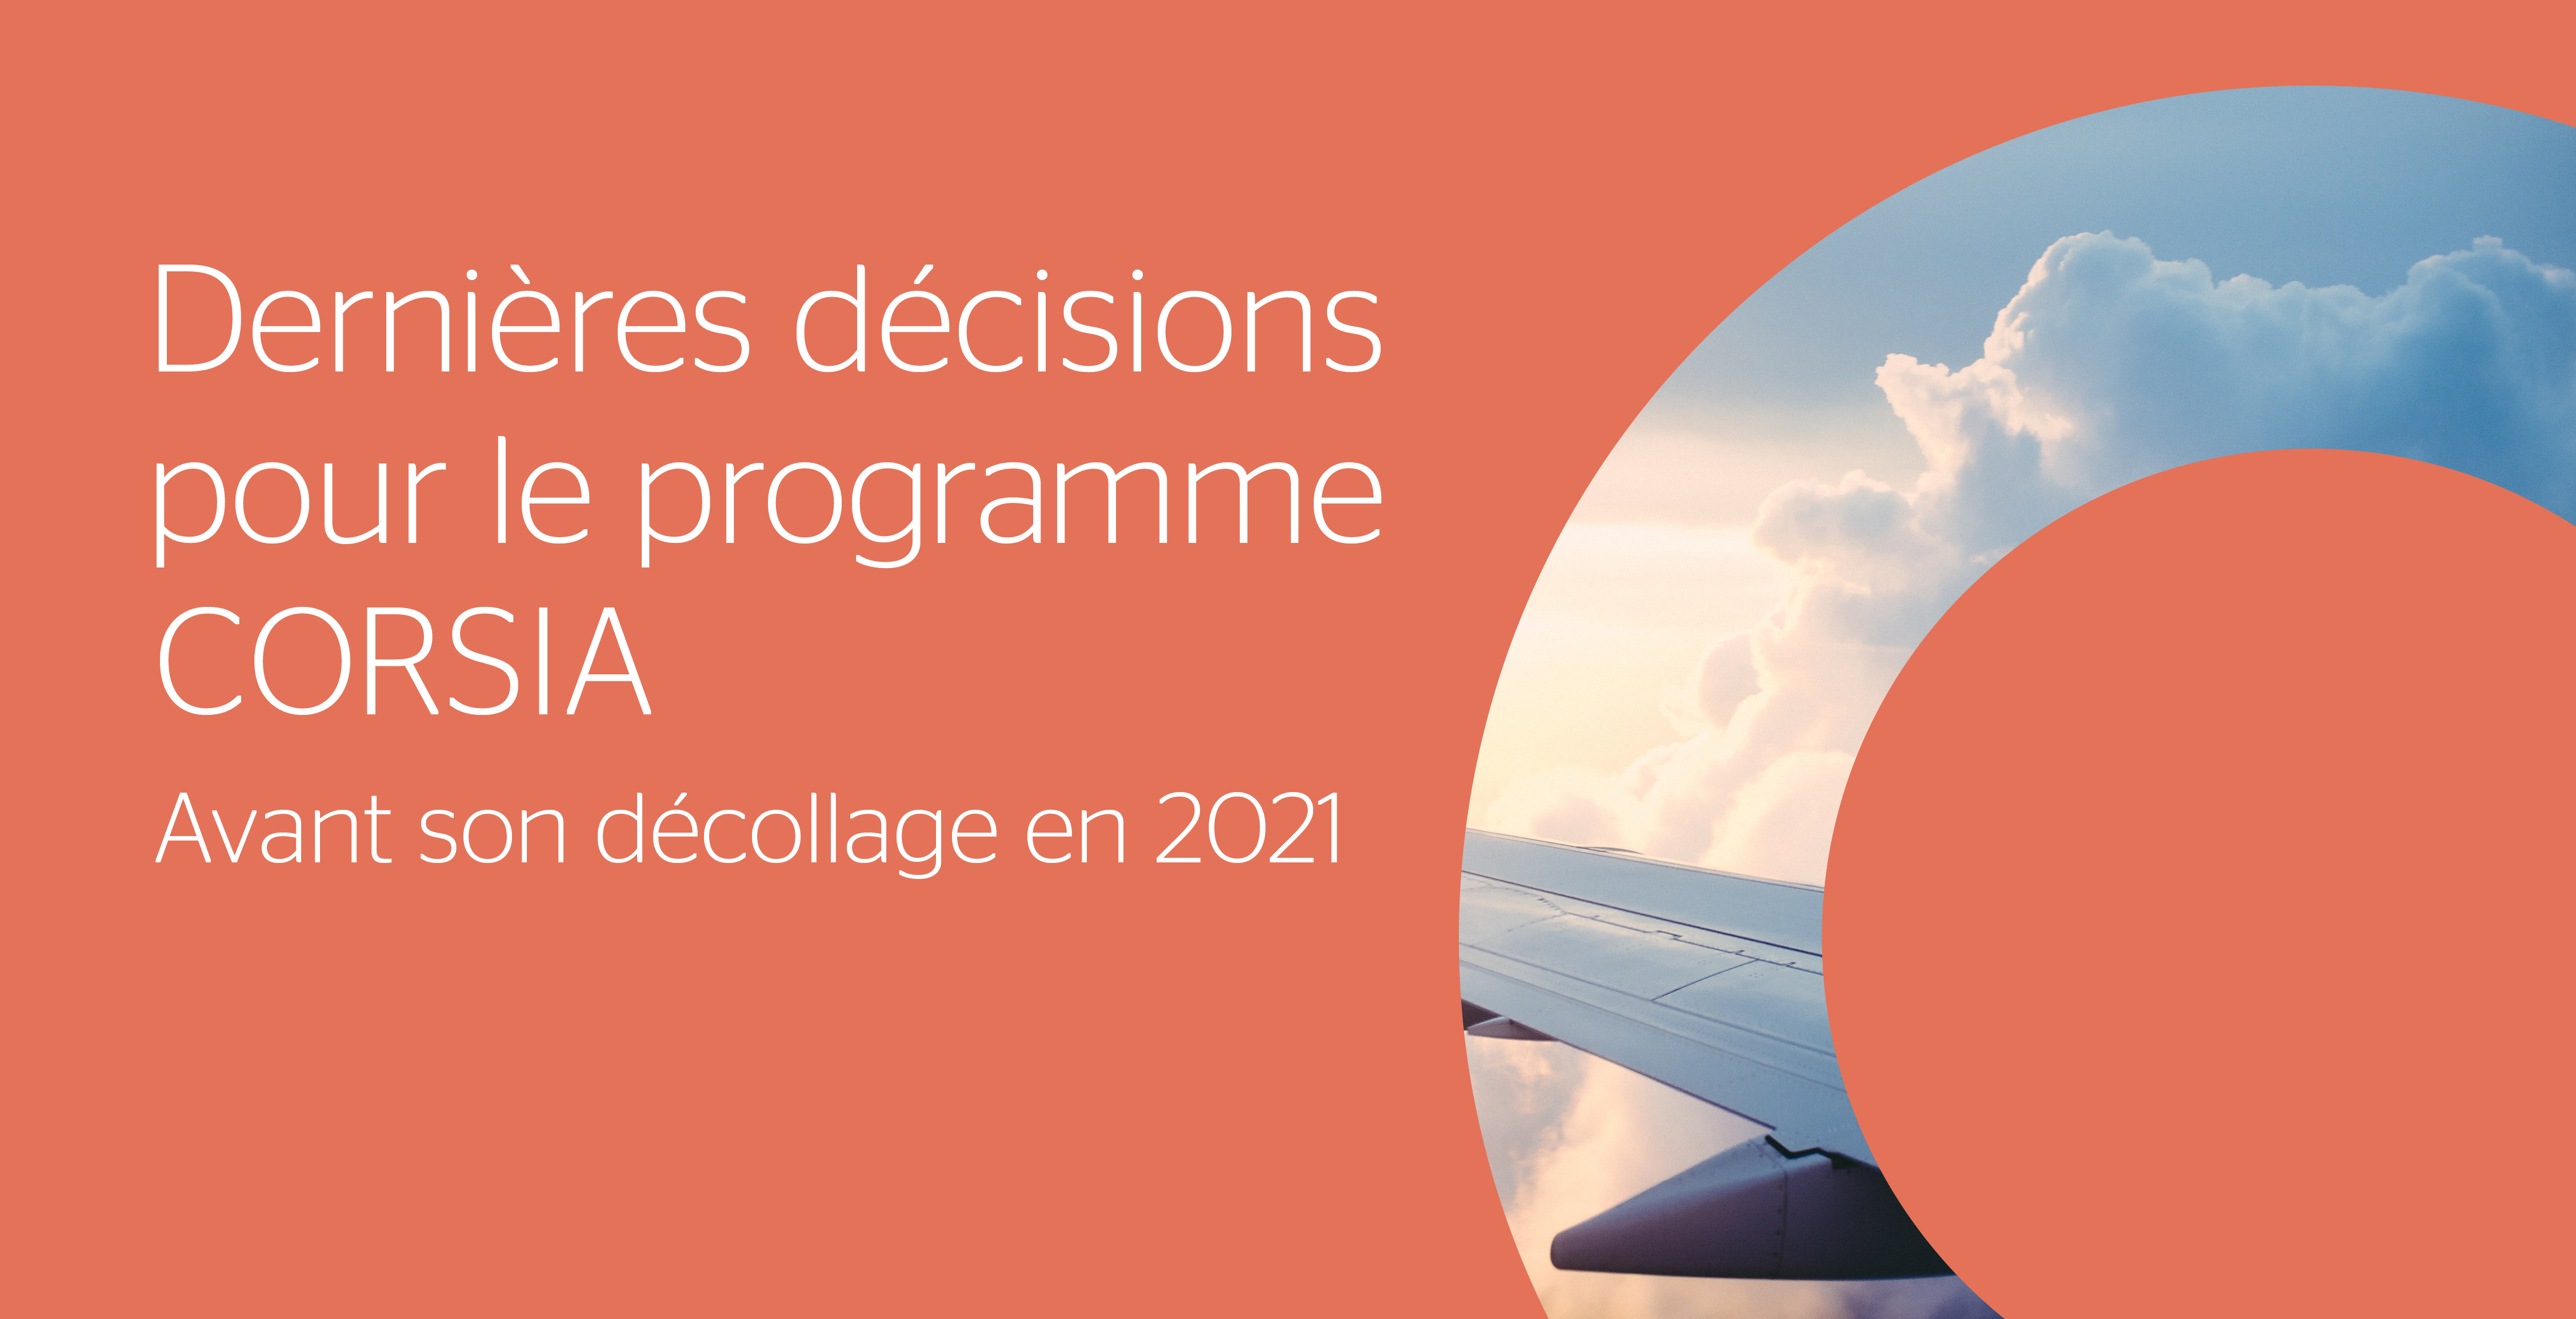 Le programme CORSIA est prêt à décoller en 2021